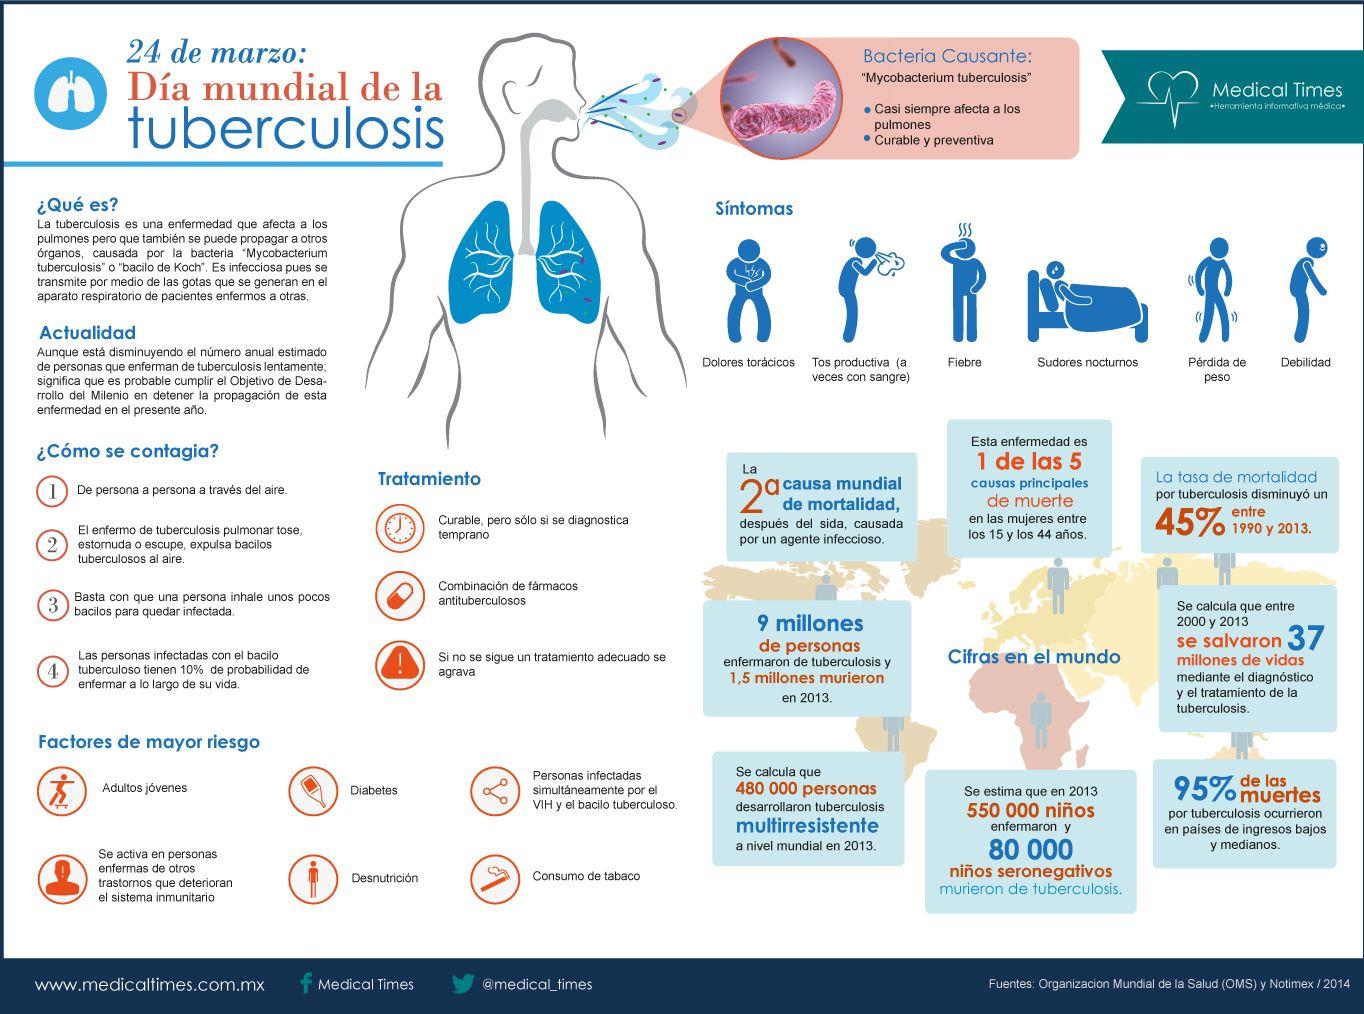 Día mundial de la tuberculosis, Infografía Medical Times ...